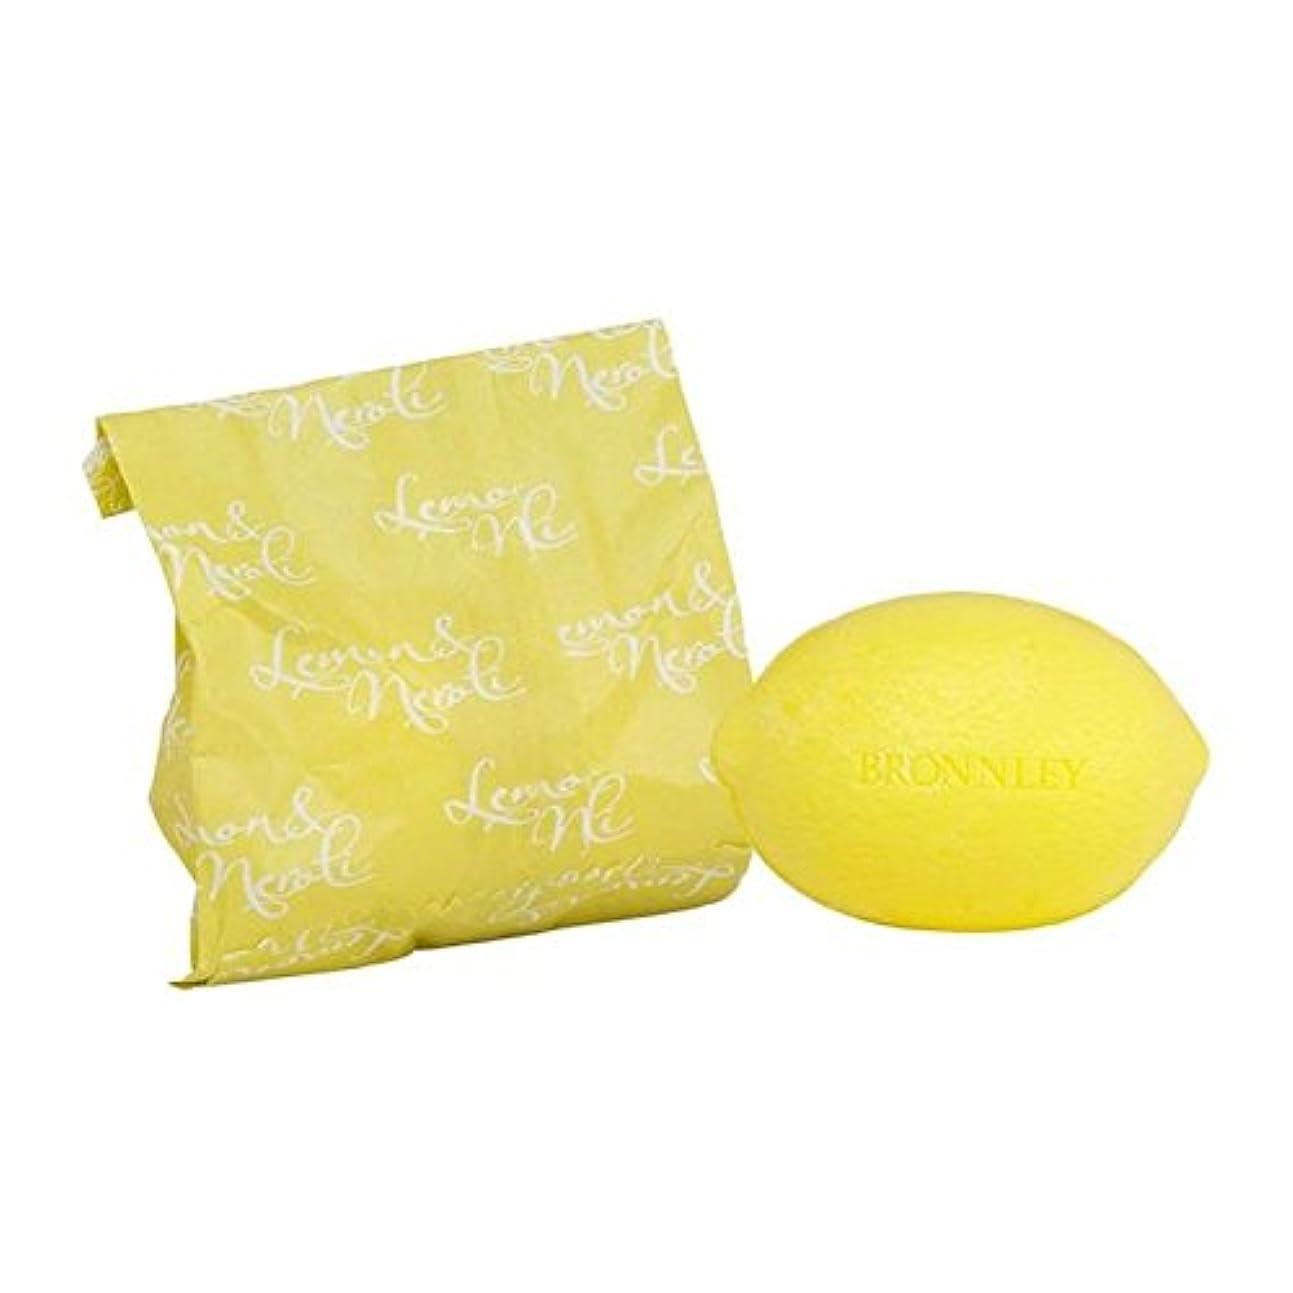 下向き交換可能ジョージスティーブンソンレモン&ネロリ石鹸100グラム x4 - Bronnley Lemon & Neroli Soap 100g (Pack of 4) [並行輸入品]